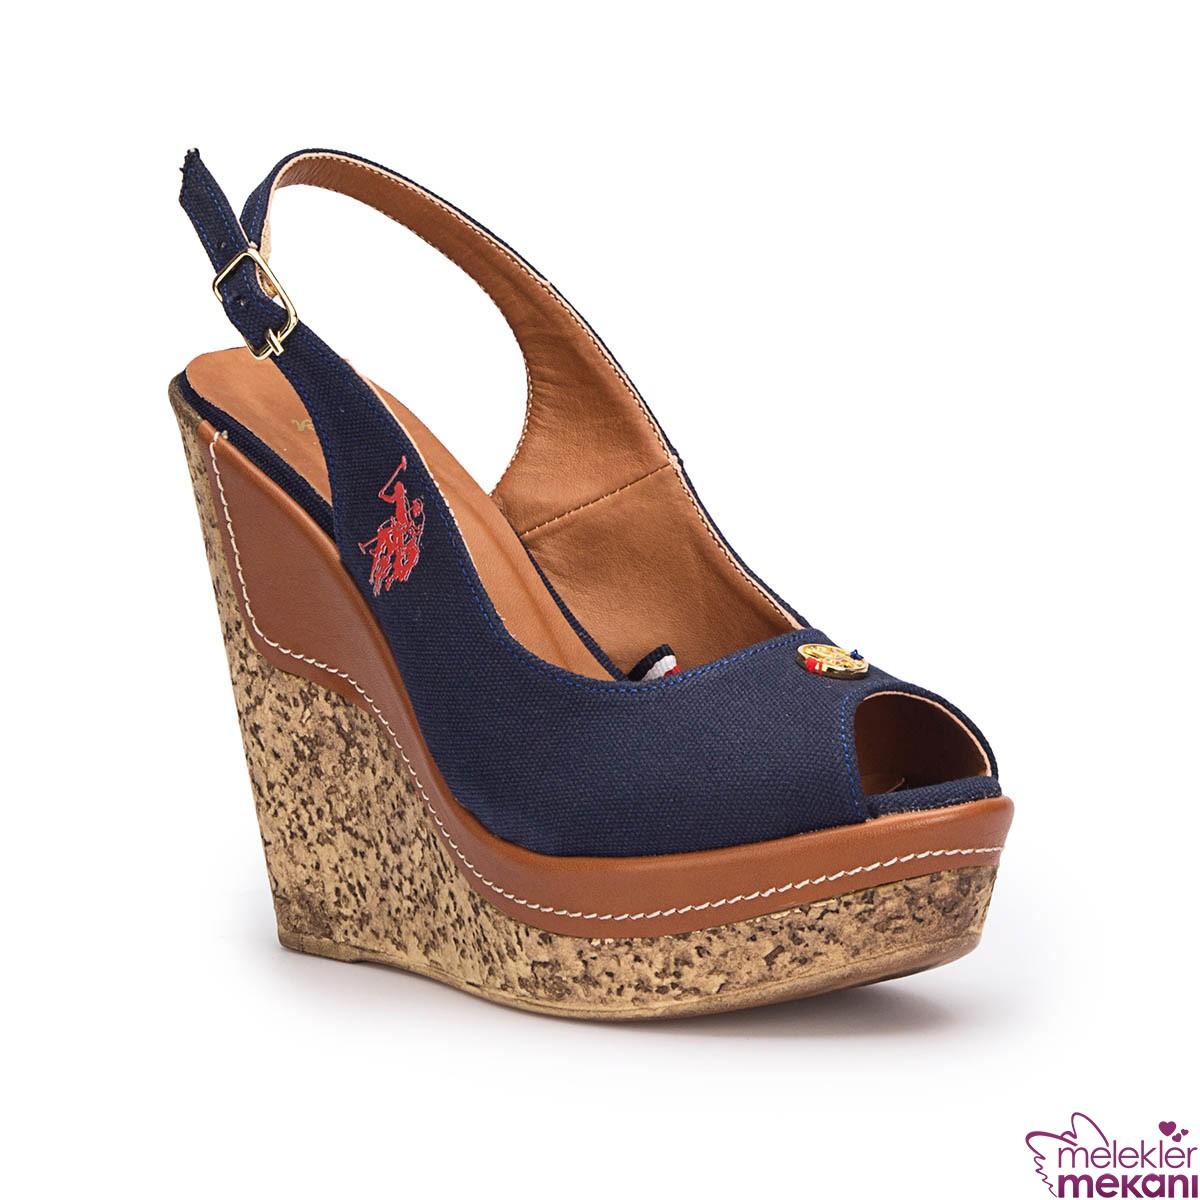 Flo Bayan Ayakkabı 2017 Modelleri Yaz Sezonu Özel